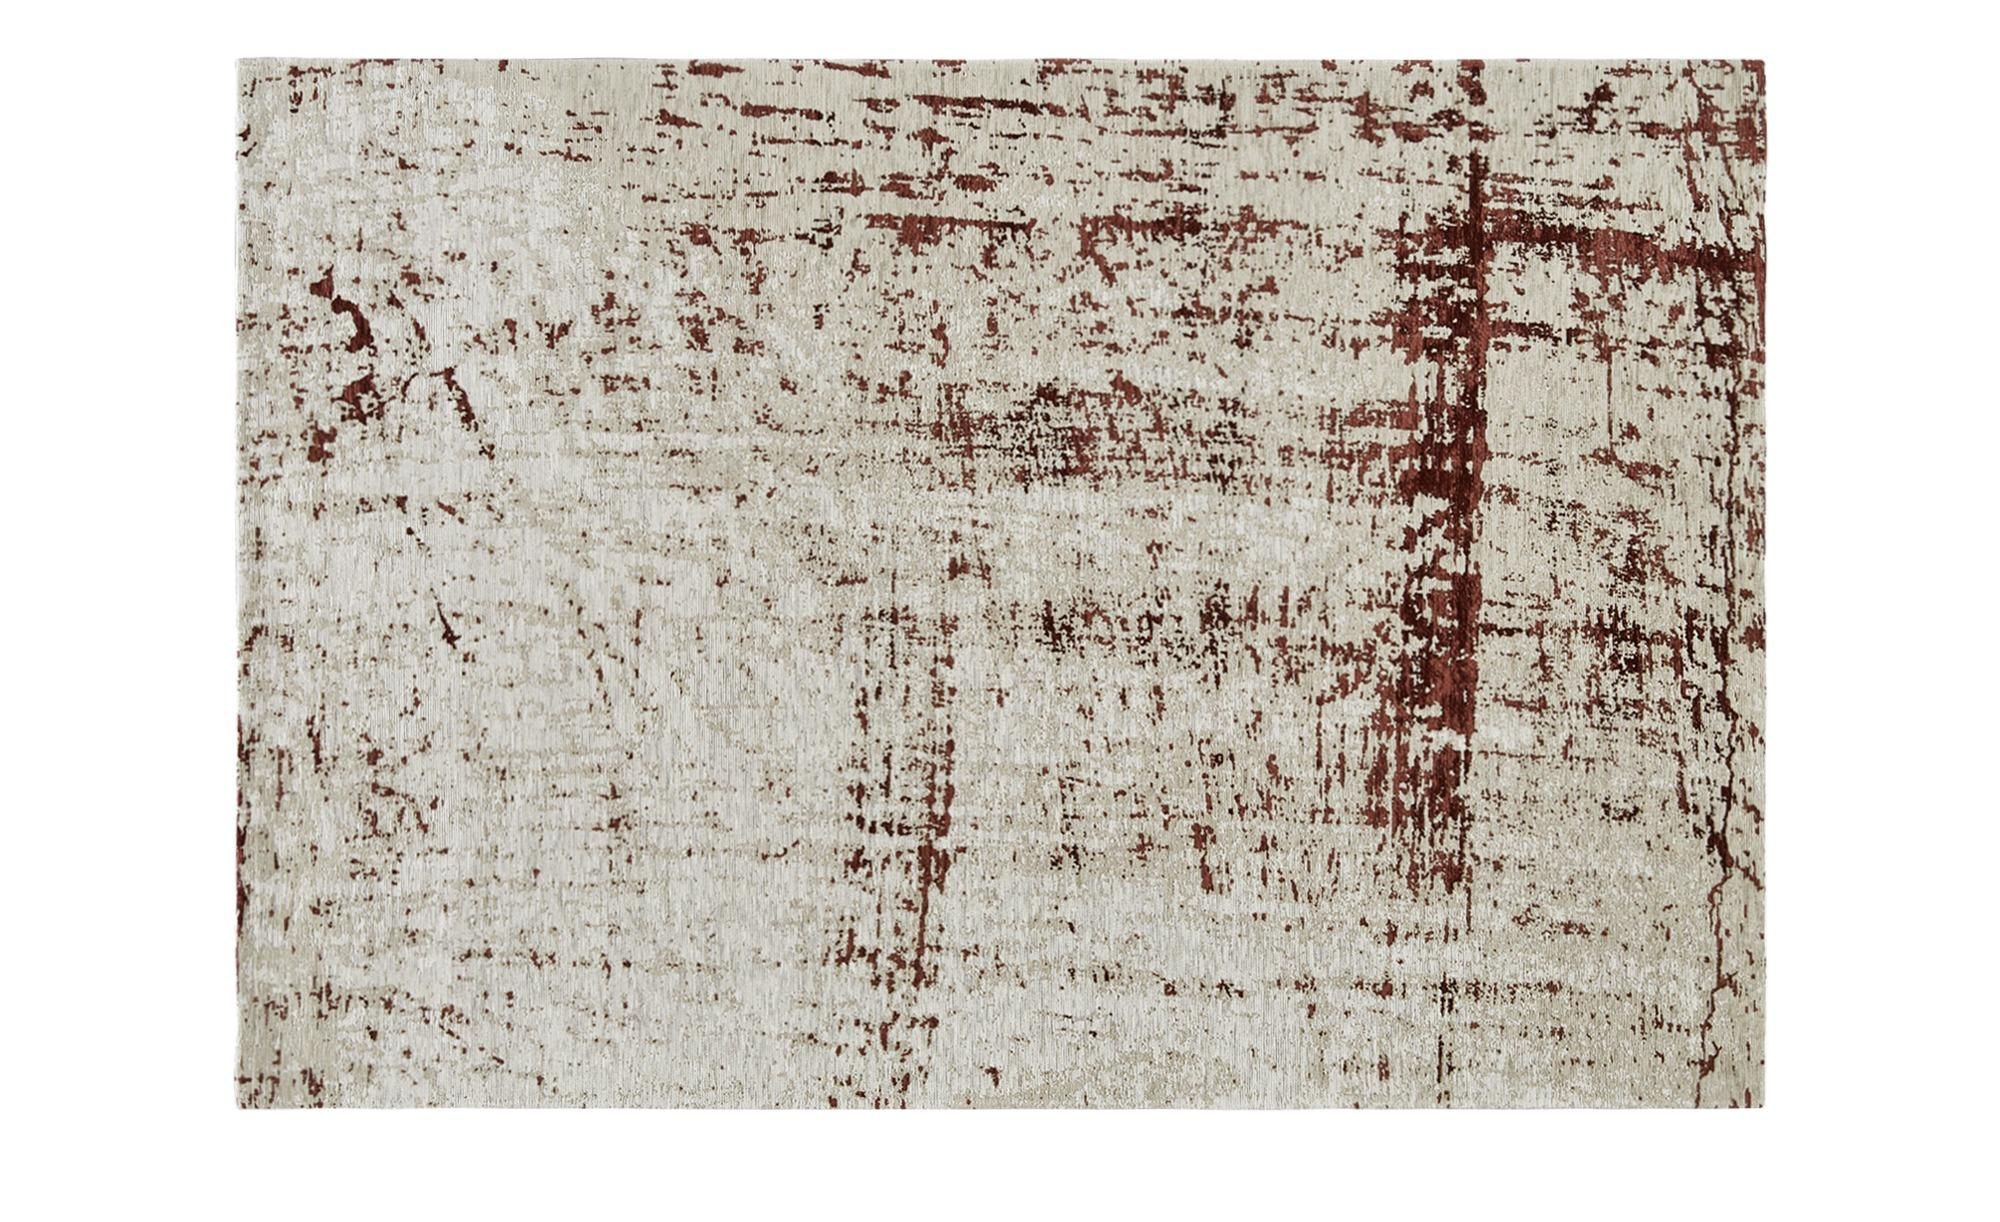 Webteppich  Harmonie 1900 ¦ 34% Chenille Acryl, 33% Baumwolle, 33% Polyester ¦ Maße (cm): B: 80 Teppiche > Wohnteppiche - Höffner